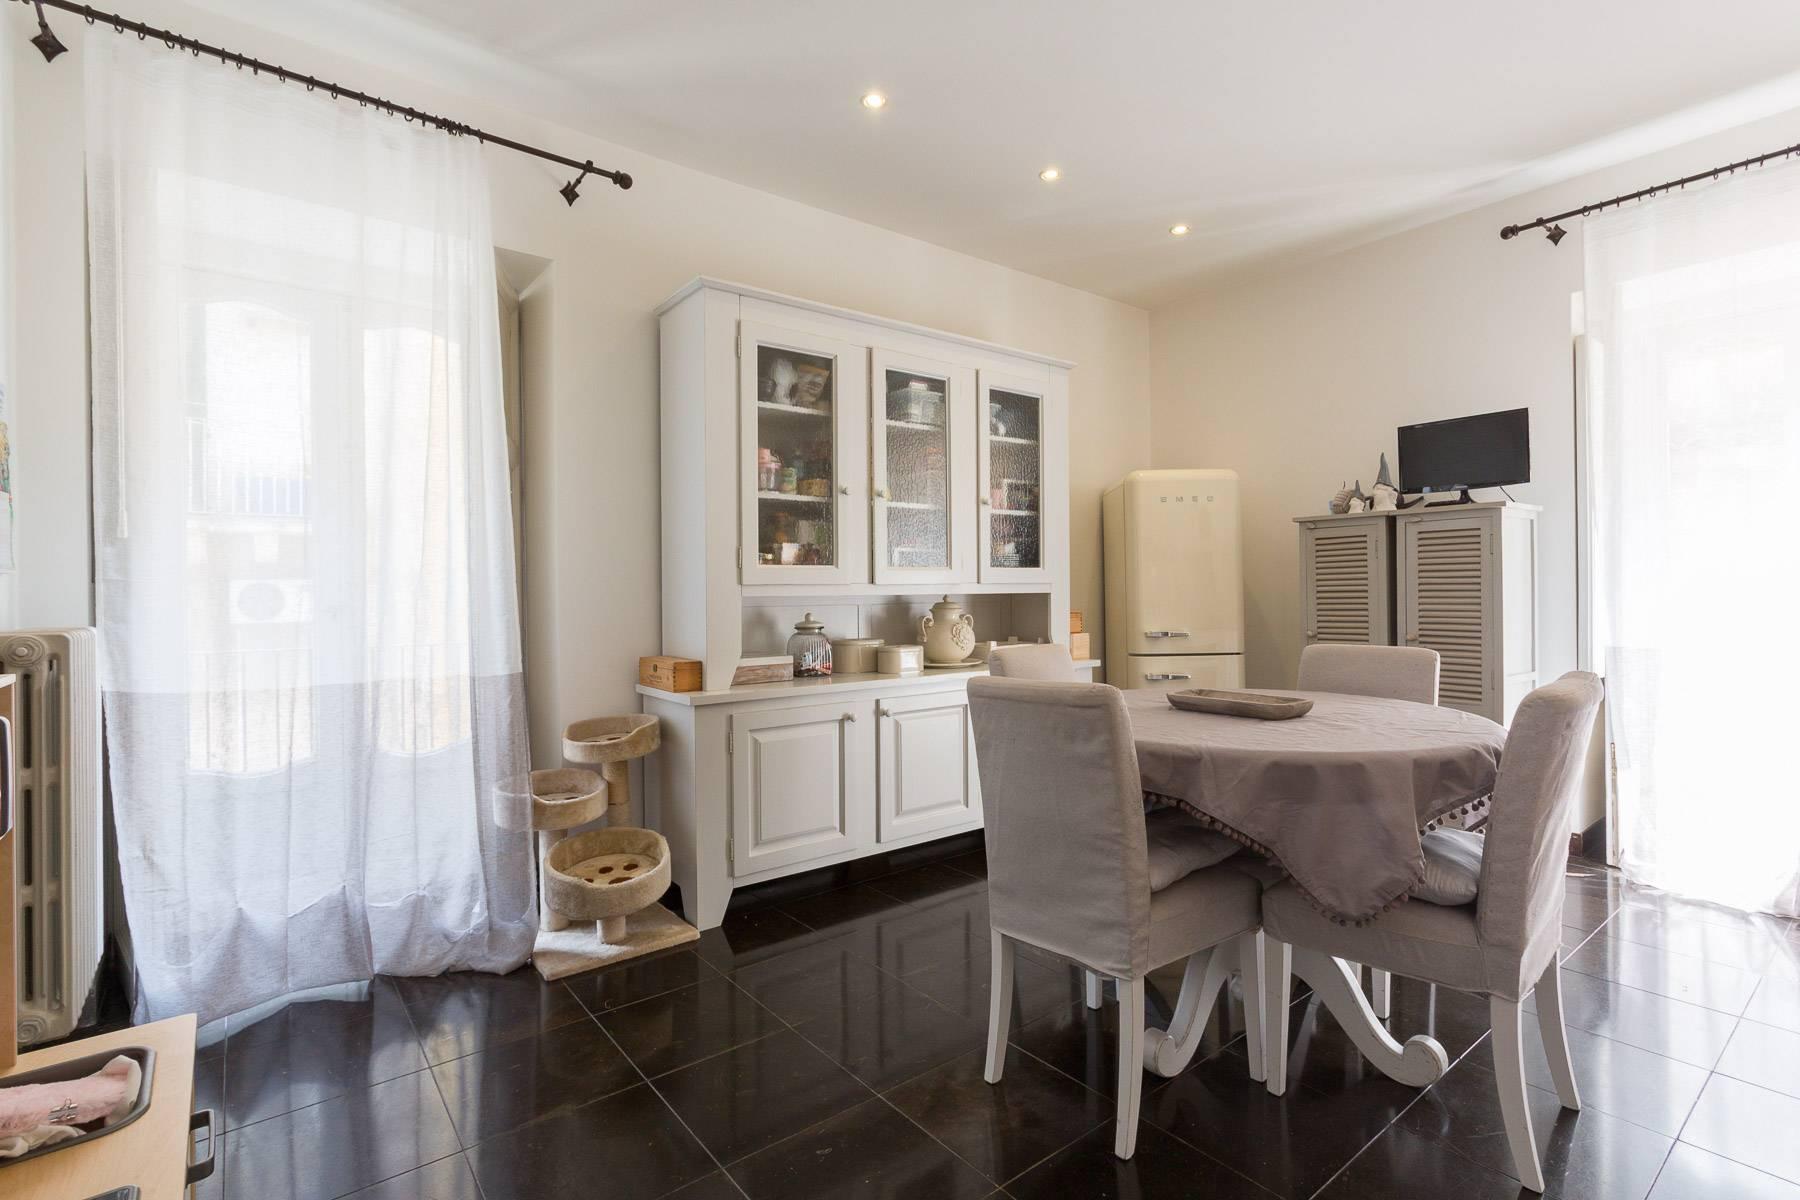 Casa indipendente in Vendita a Ragusa: 5 locali, 200 mq - Foto 8